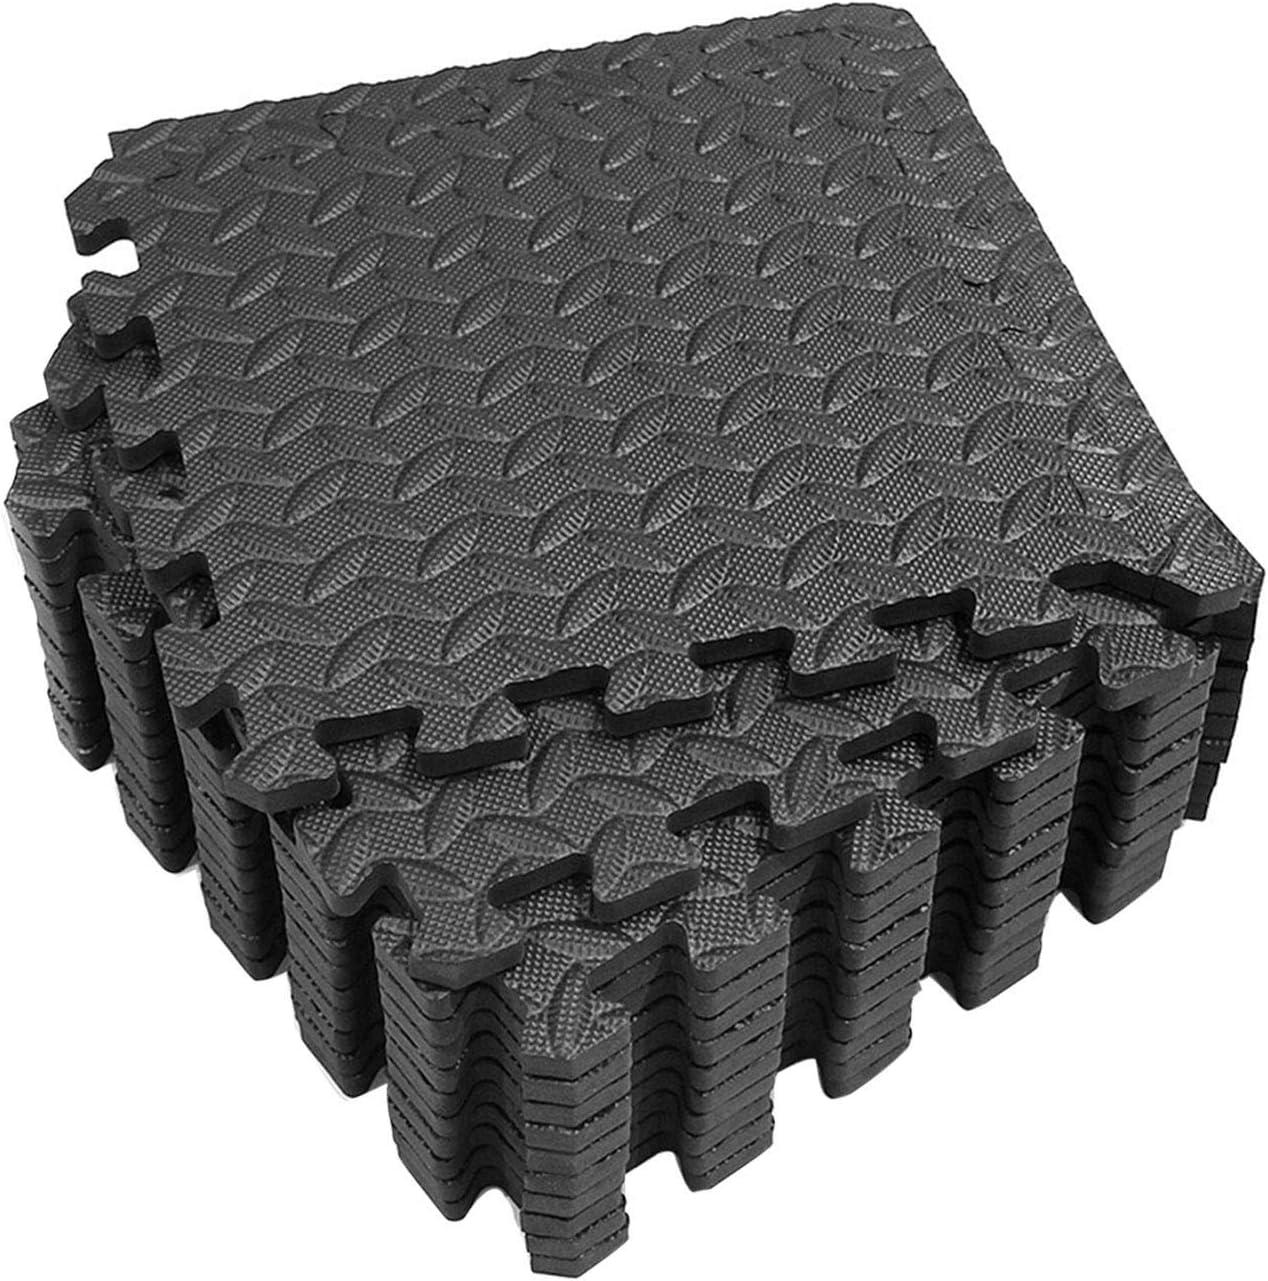 Feilengs Foam Exercise Max 85% OFF Mat Sale price Tiles EVA Interlocking 12pcs 30x30cm